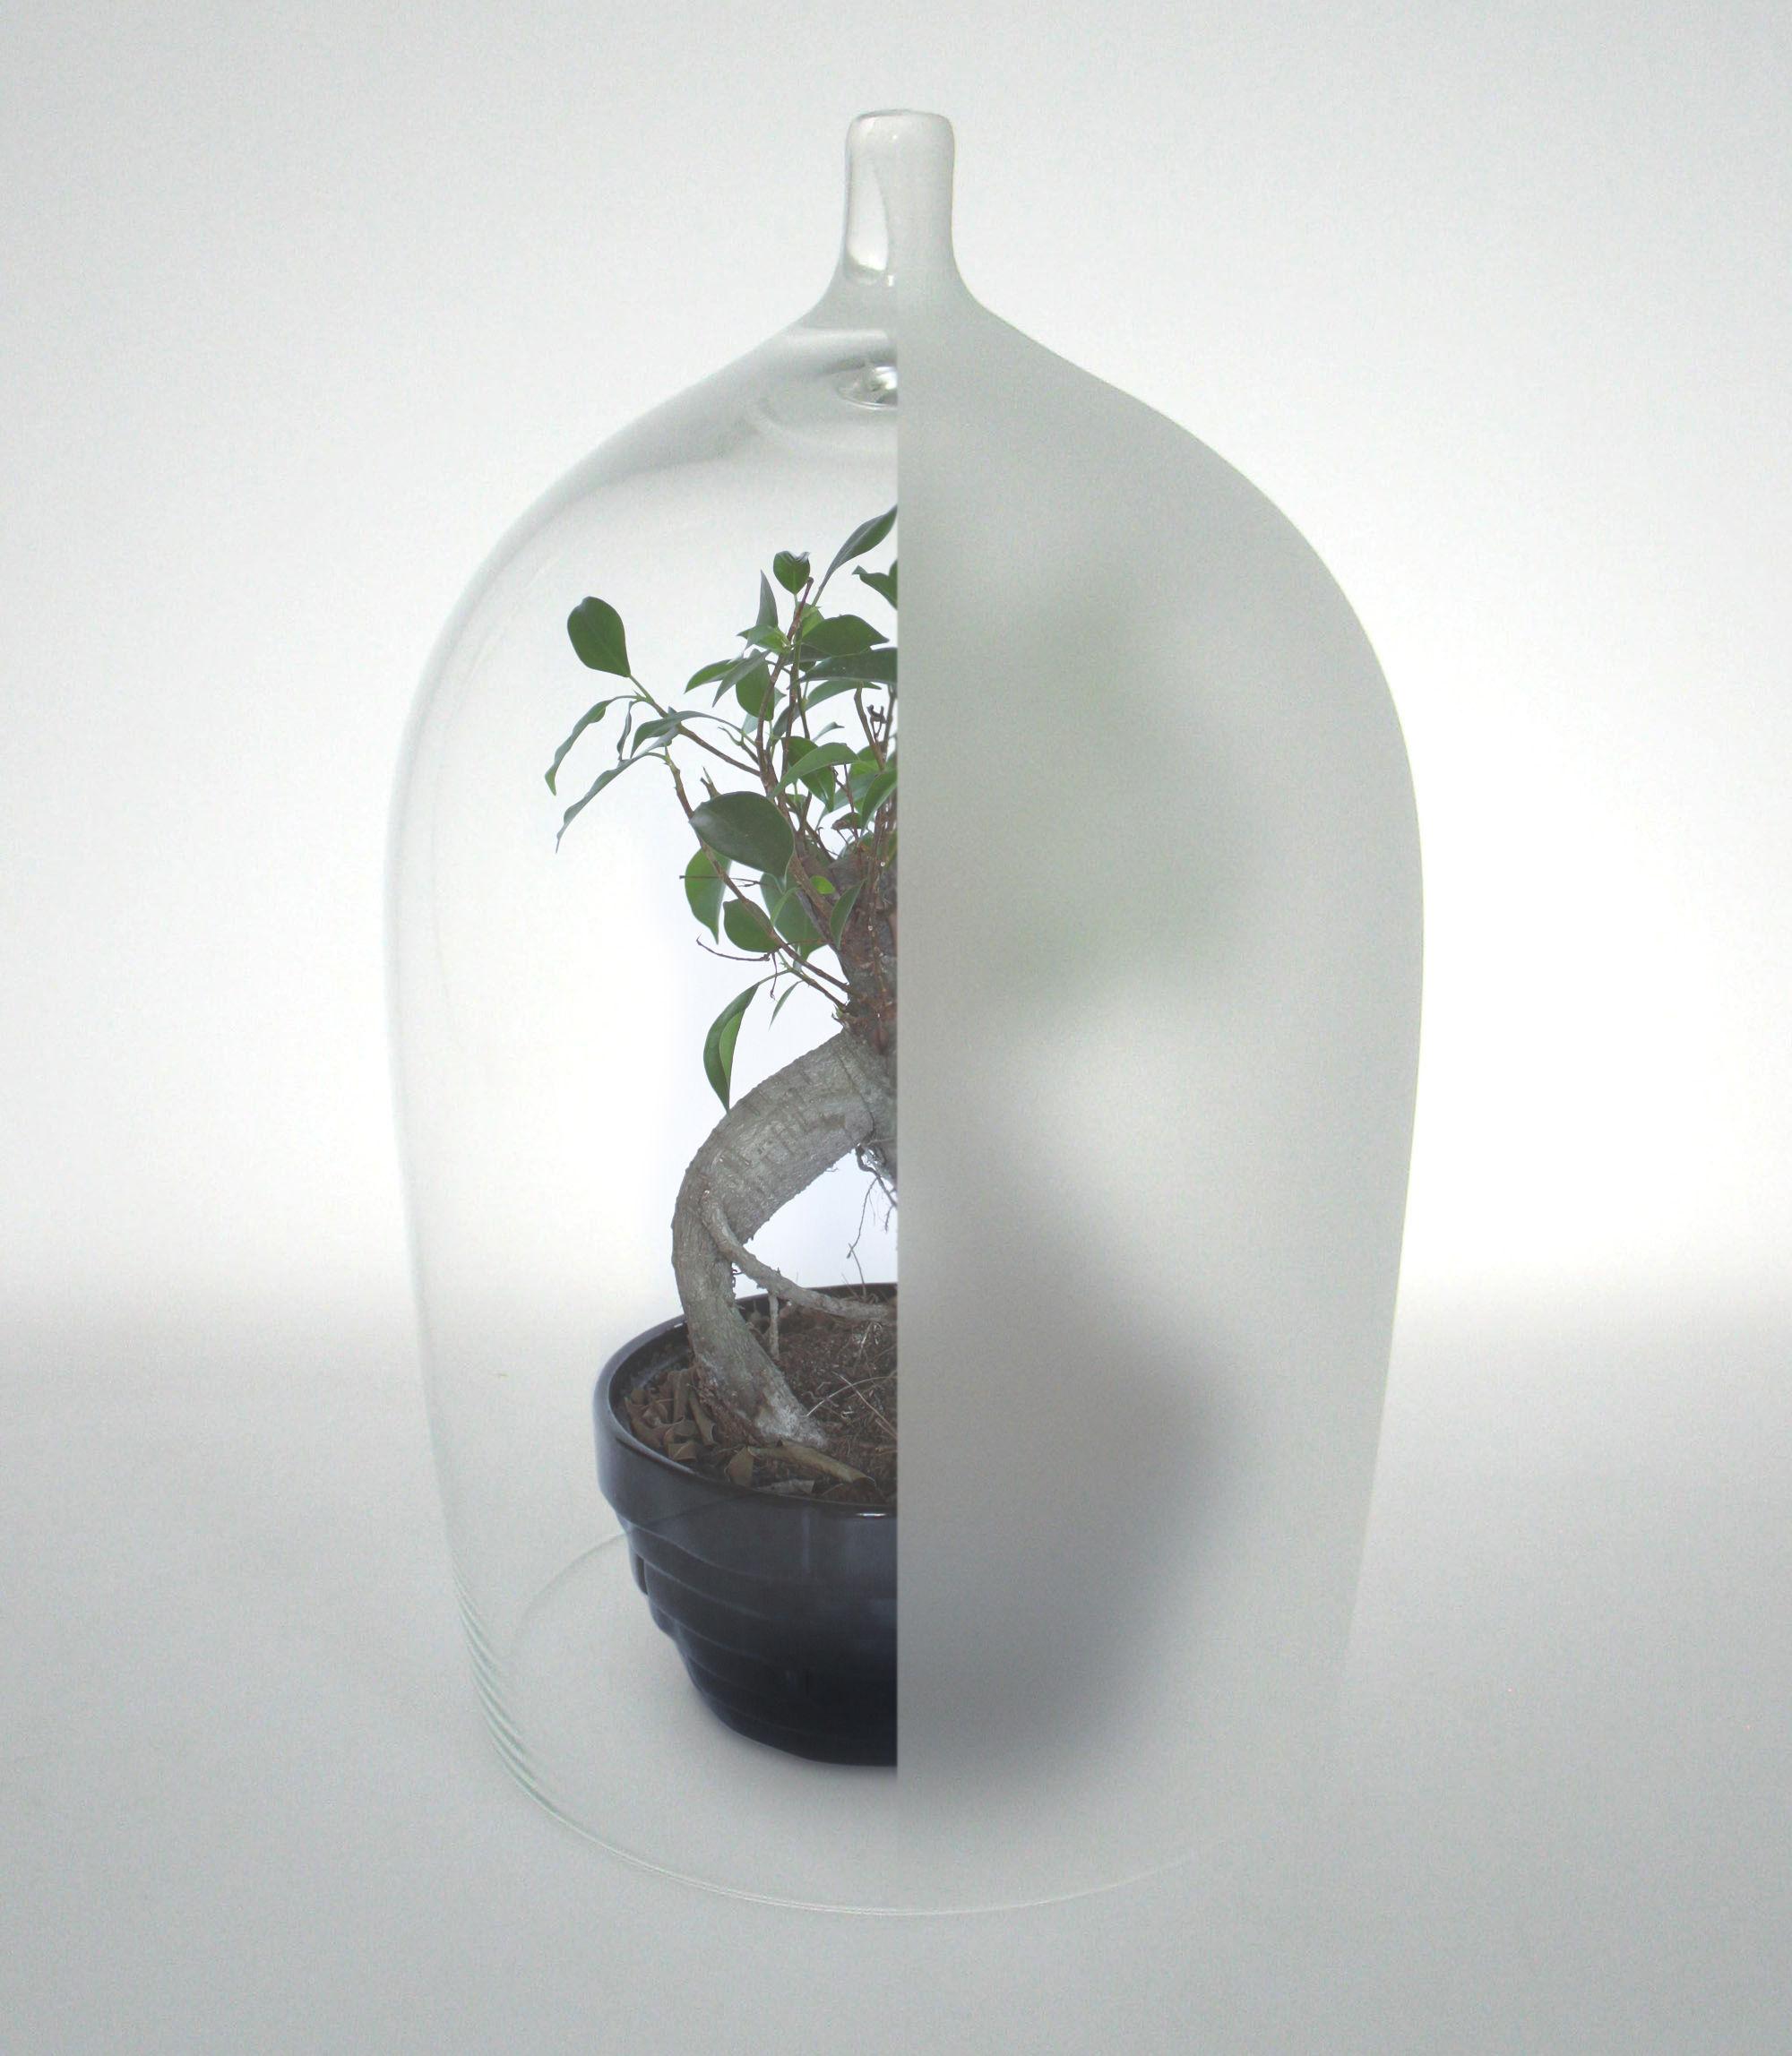 Déco - Objets déco et cadres-photos - Vitrine Nippy S / H 27 cm - Piergil Fourquié - Iconic Serie - Designerbox - Transparent / Translucide - Verre soufflé